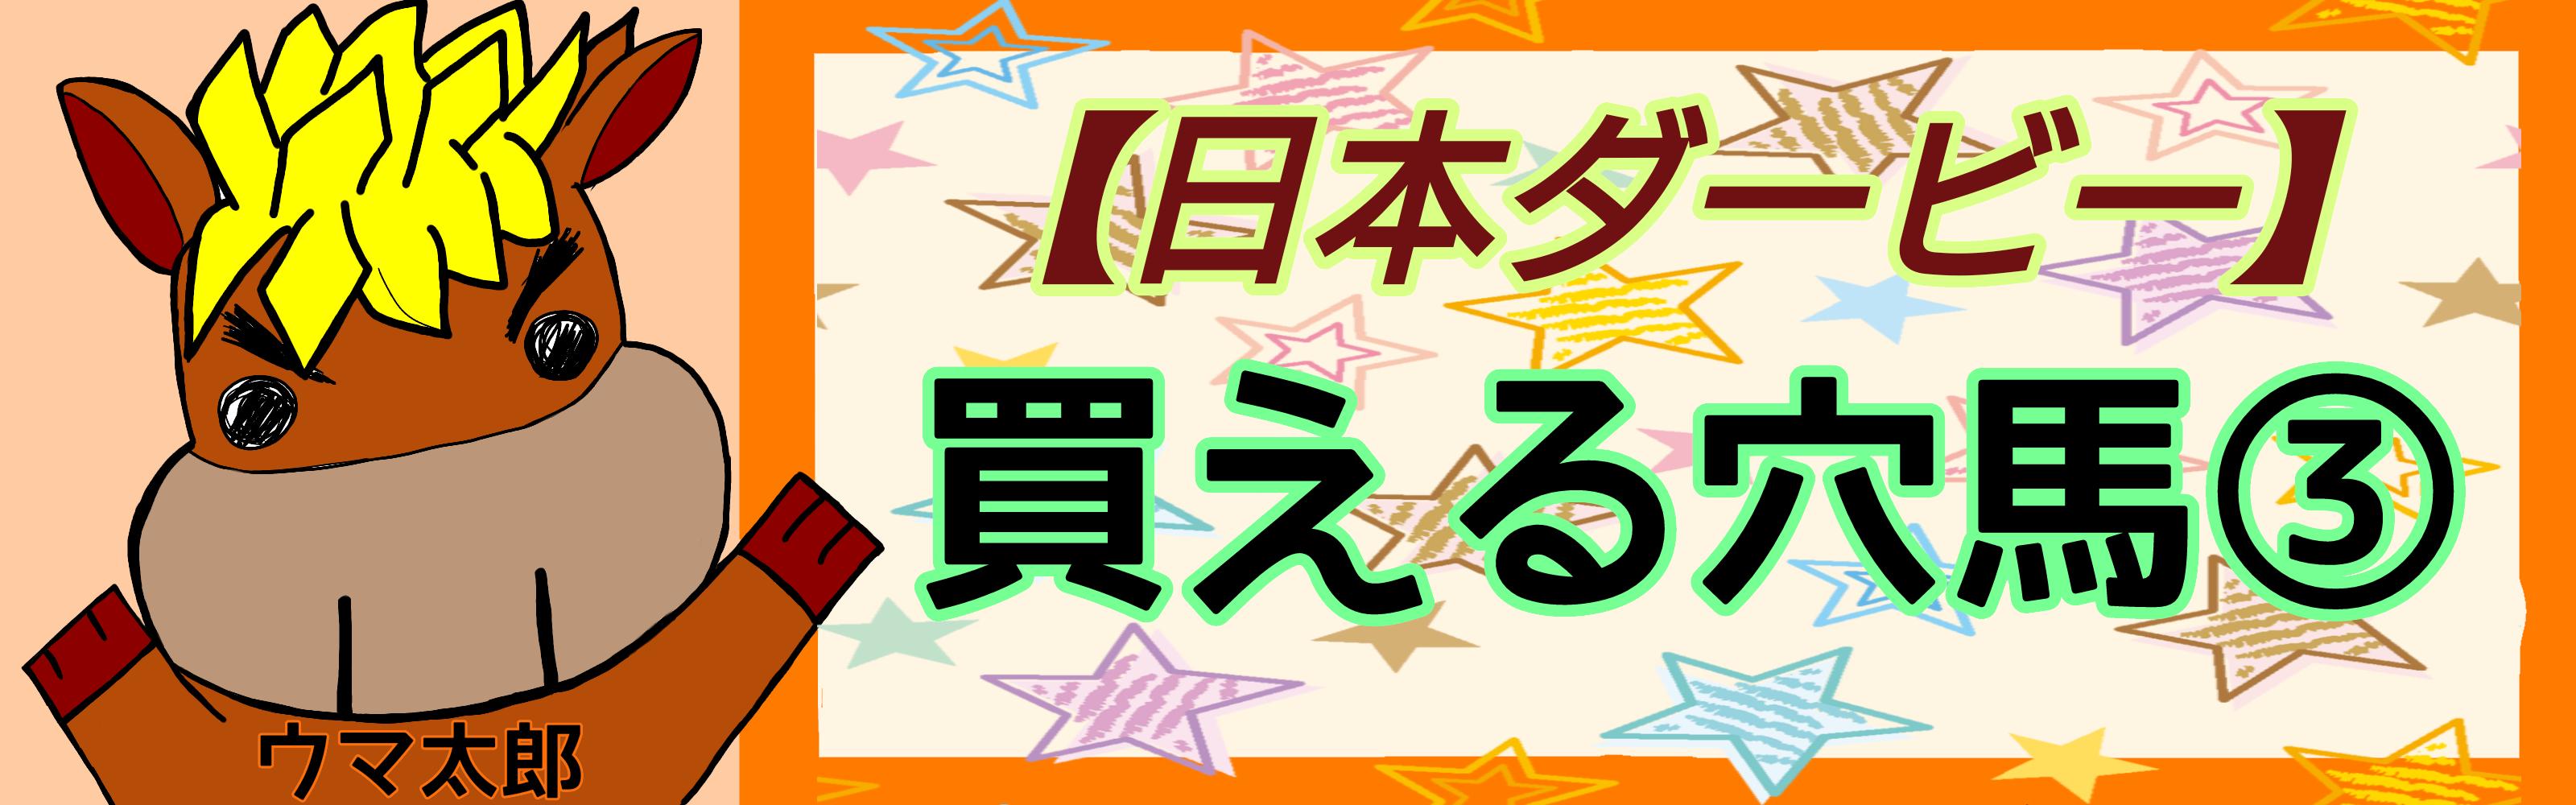 日本ダービー 買える穴馬(その参)